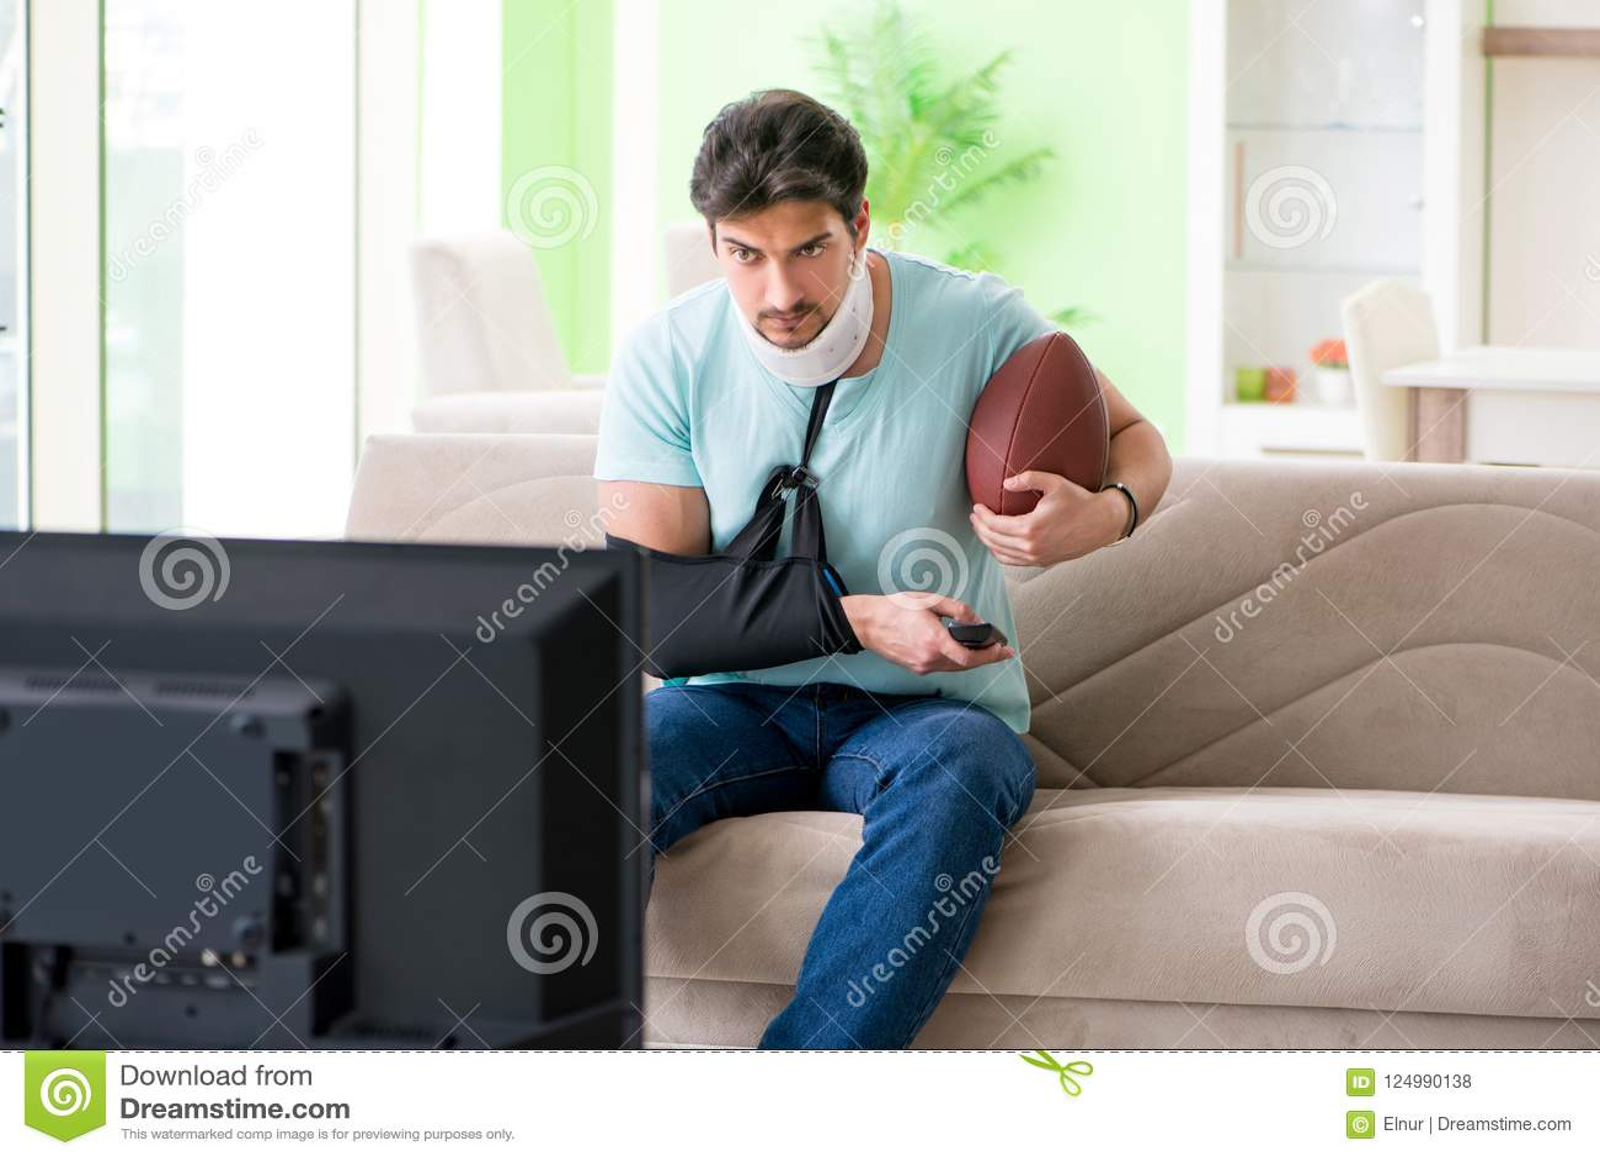 Mannen med hals- och armskada som håller ögonen på amerikansk fotboll på tv